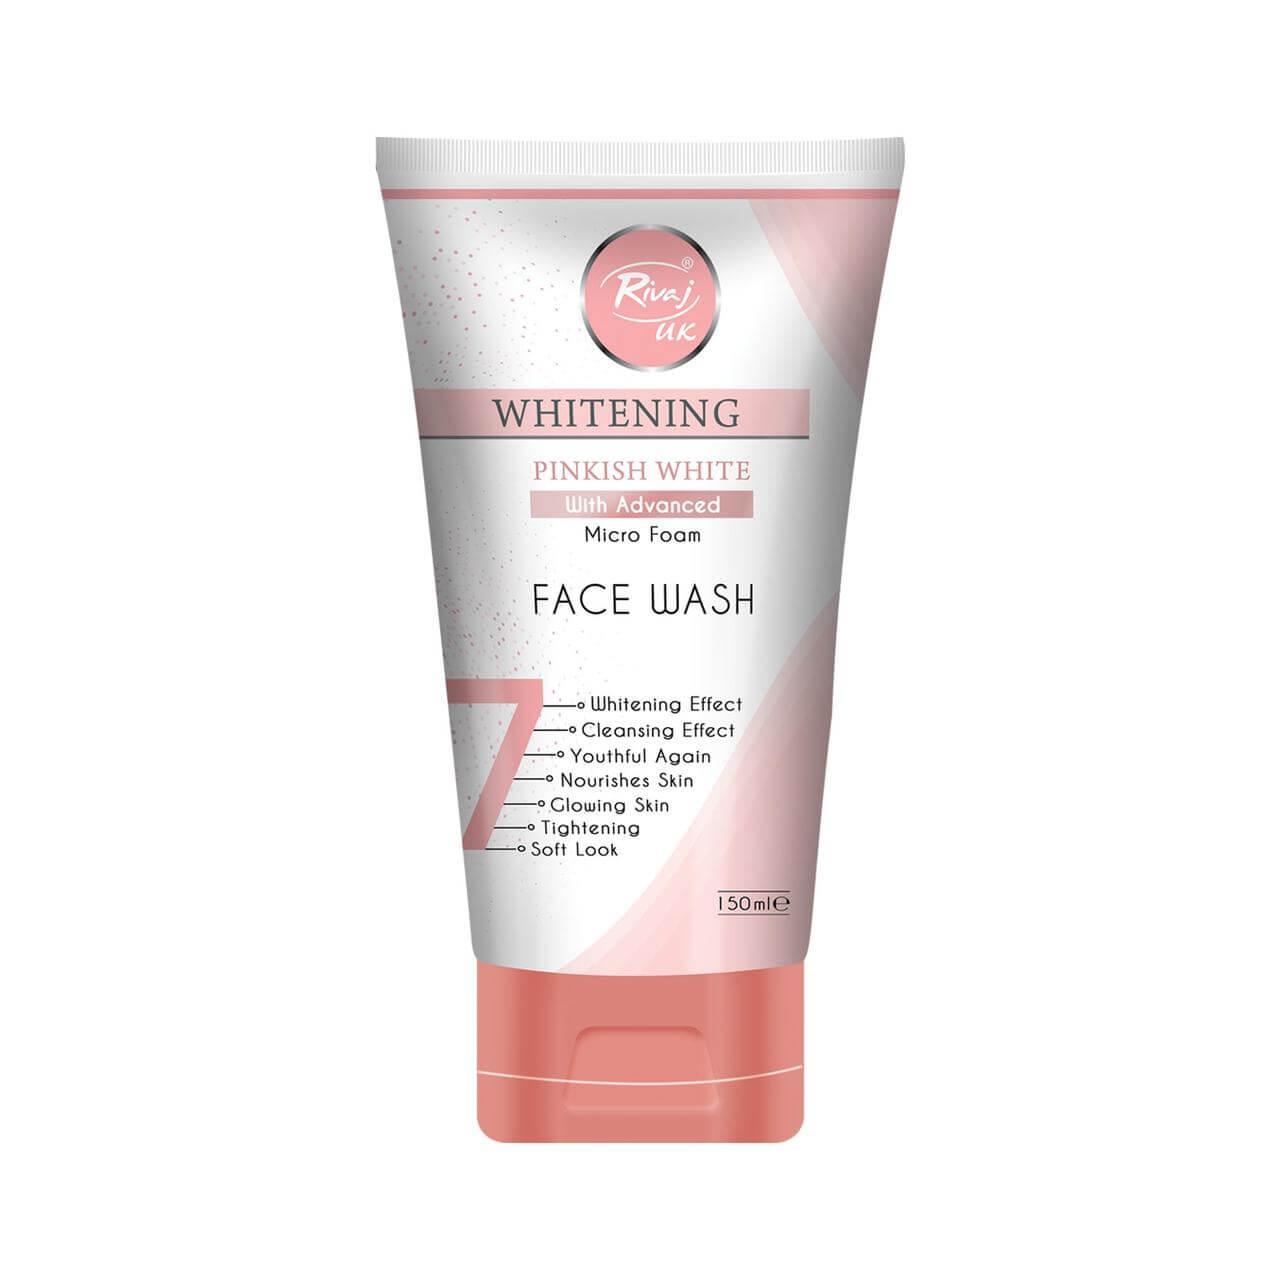 Rivaj Uk Whitening Face Wash Sanwarna.pk